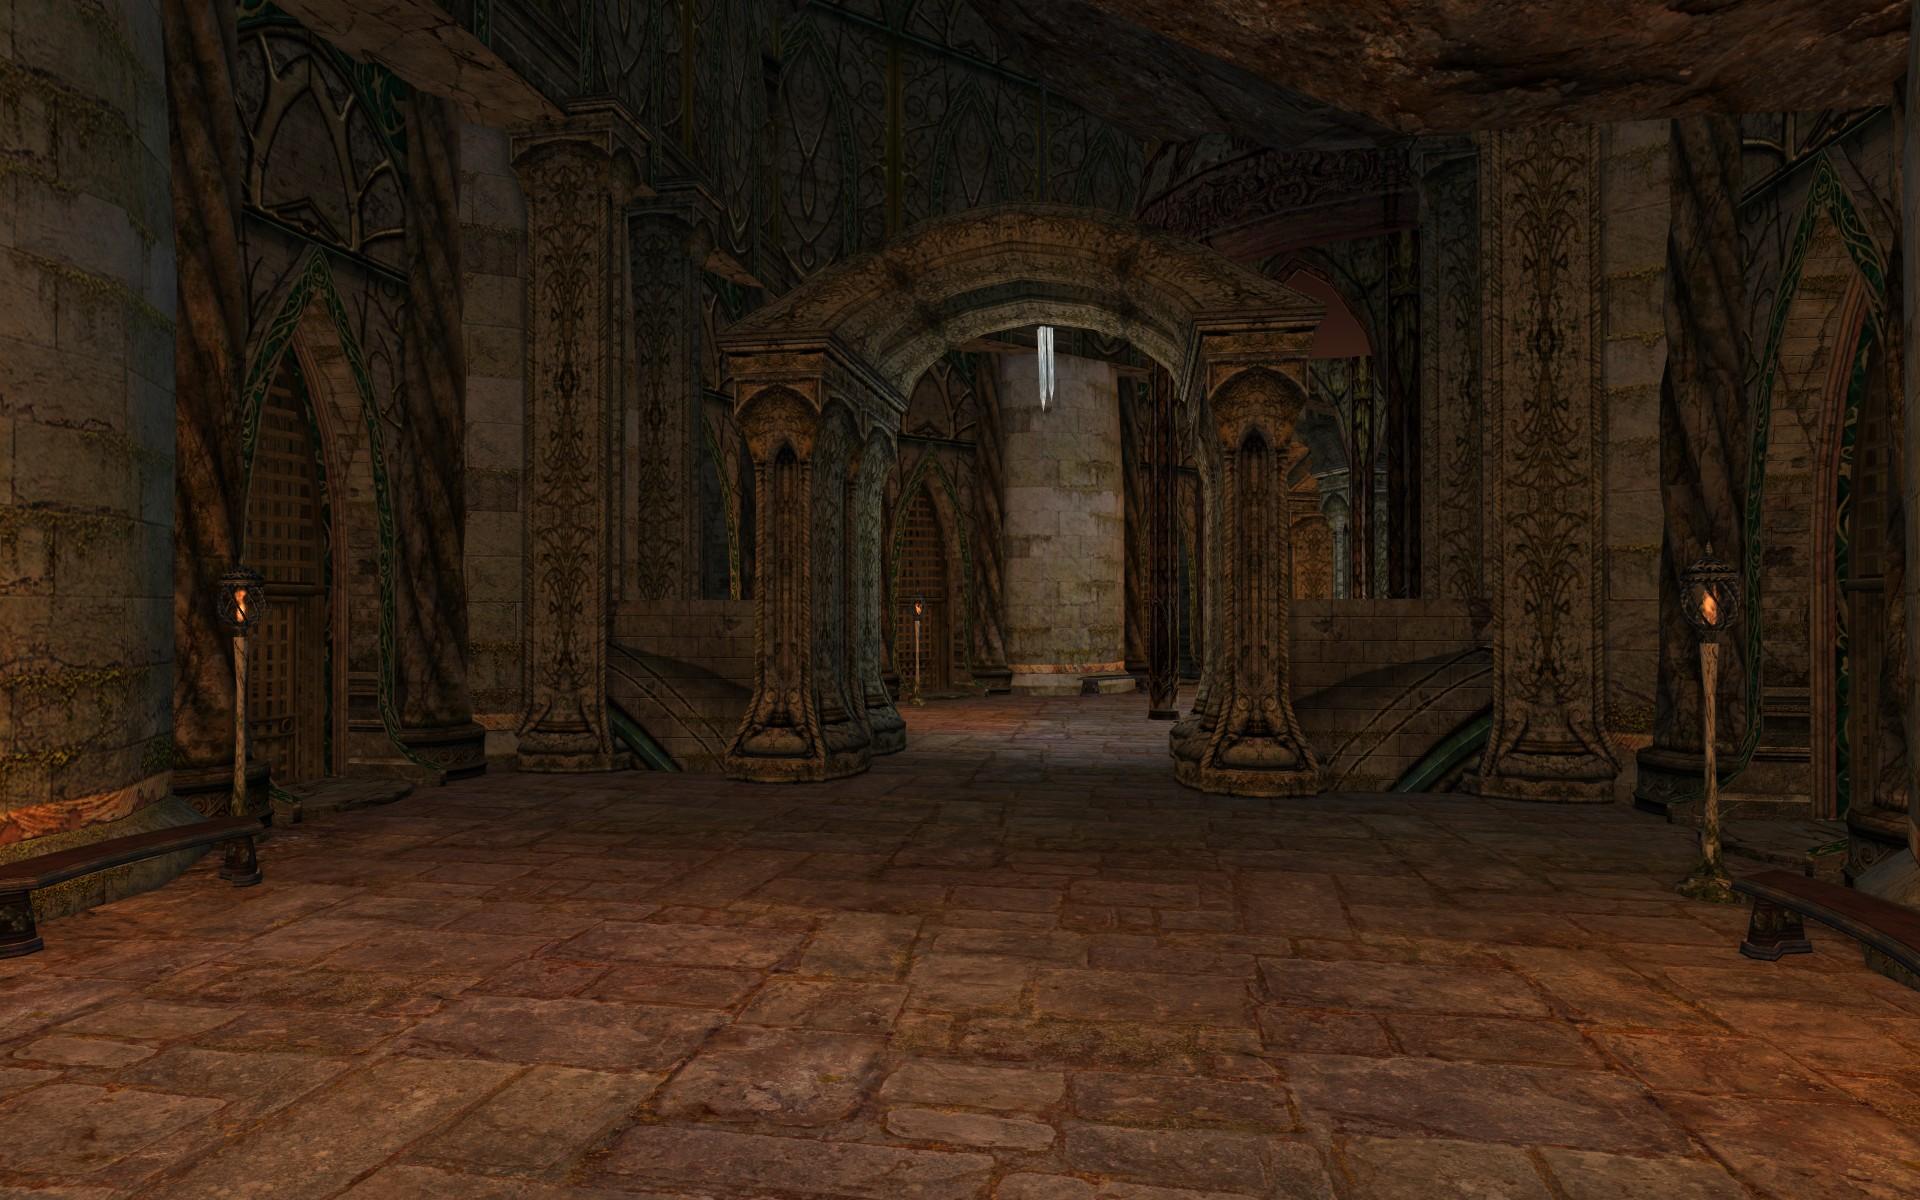 『ロード・オブ・ザ・リングス オンライン』におけるエルフ王の岩屋の地下牢